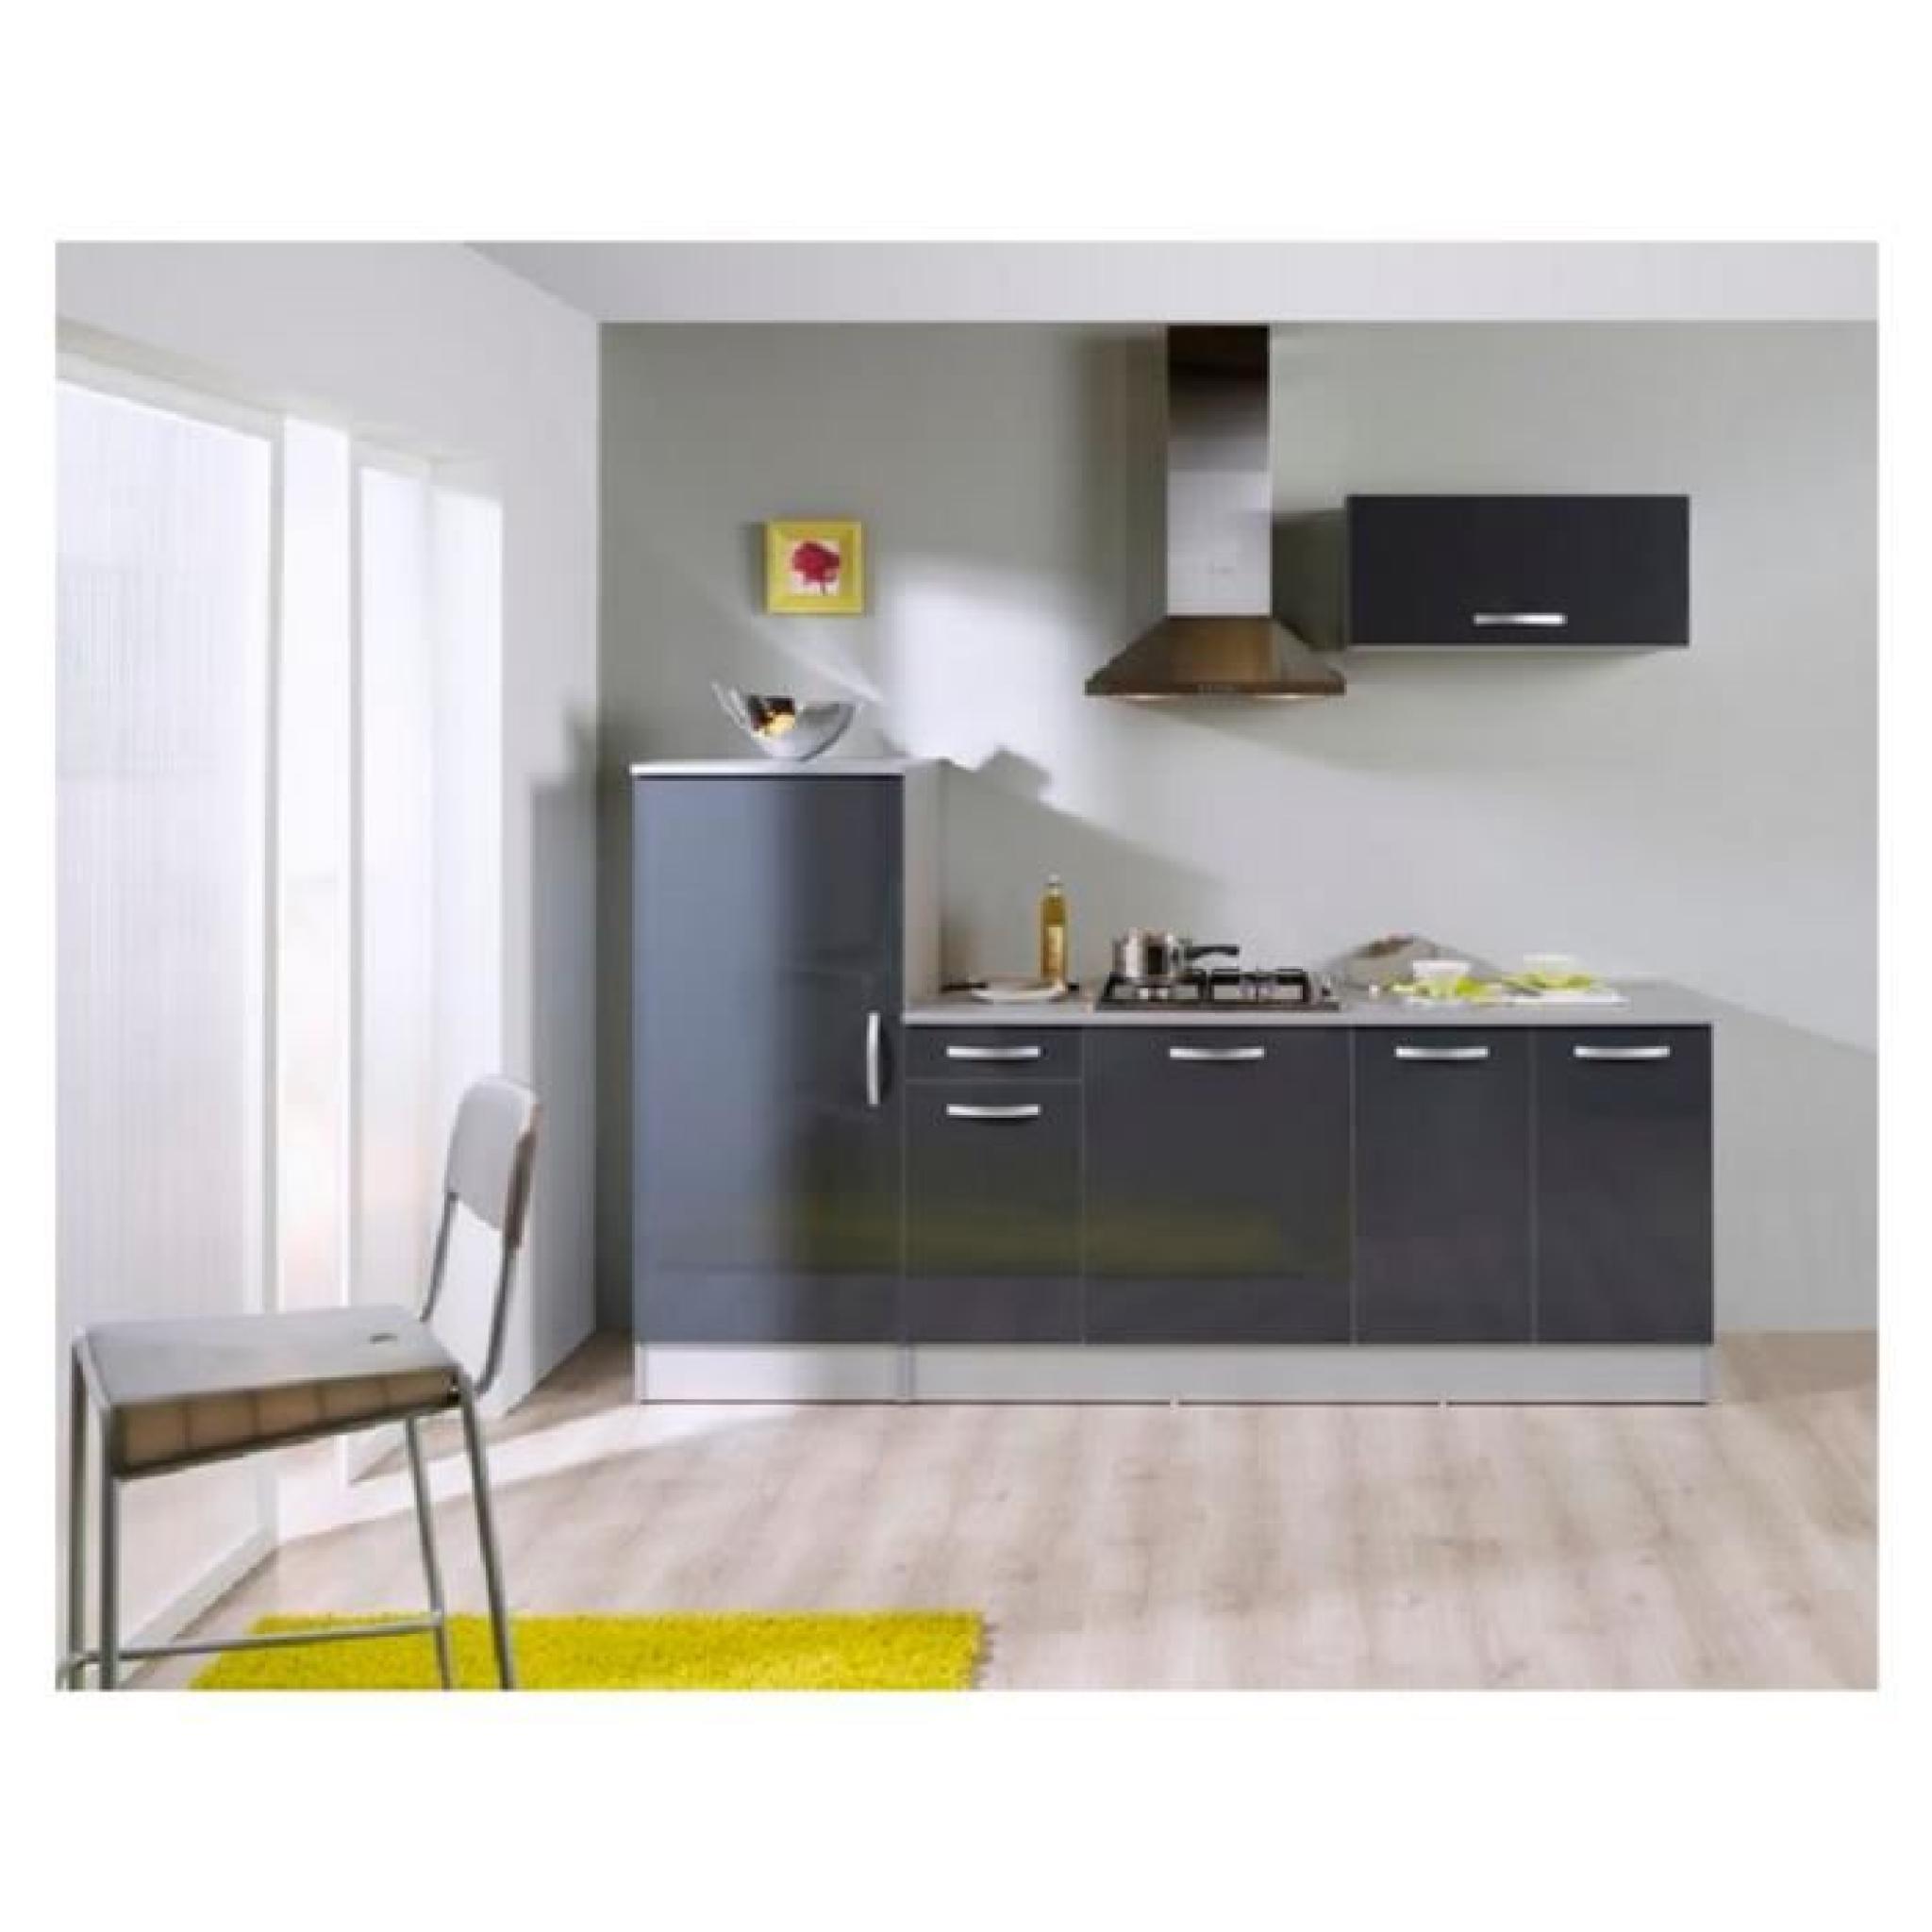 Cuisine meubles gris maison design for Meuble cuisine gris mat